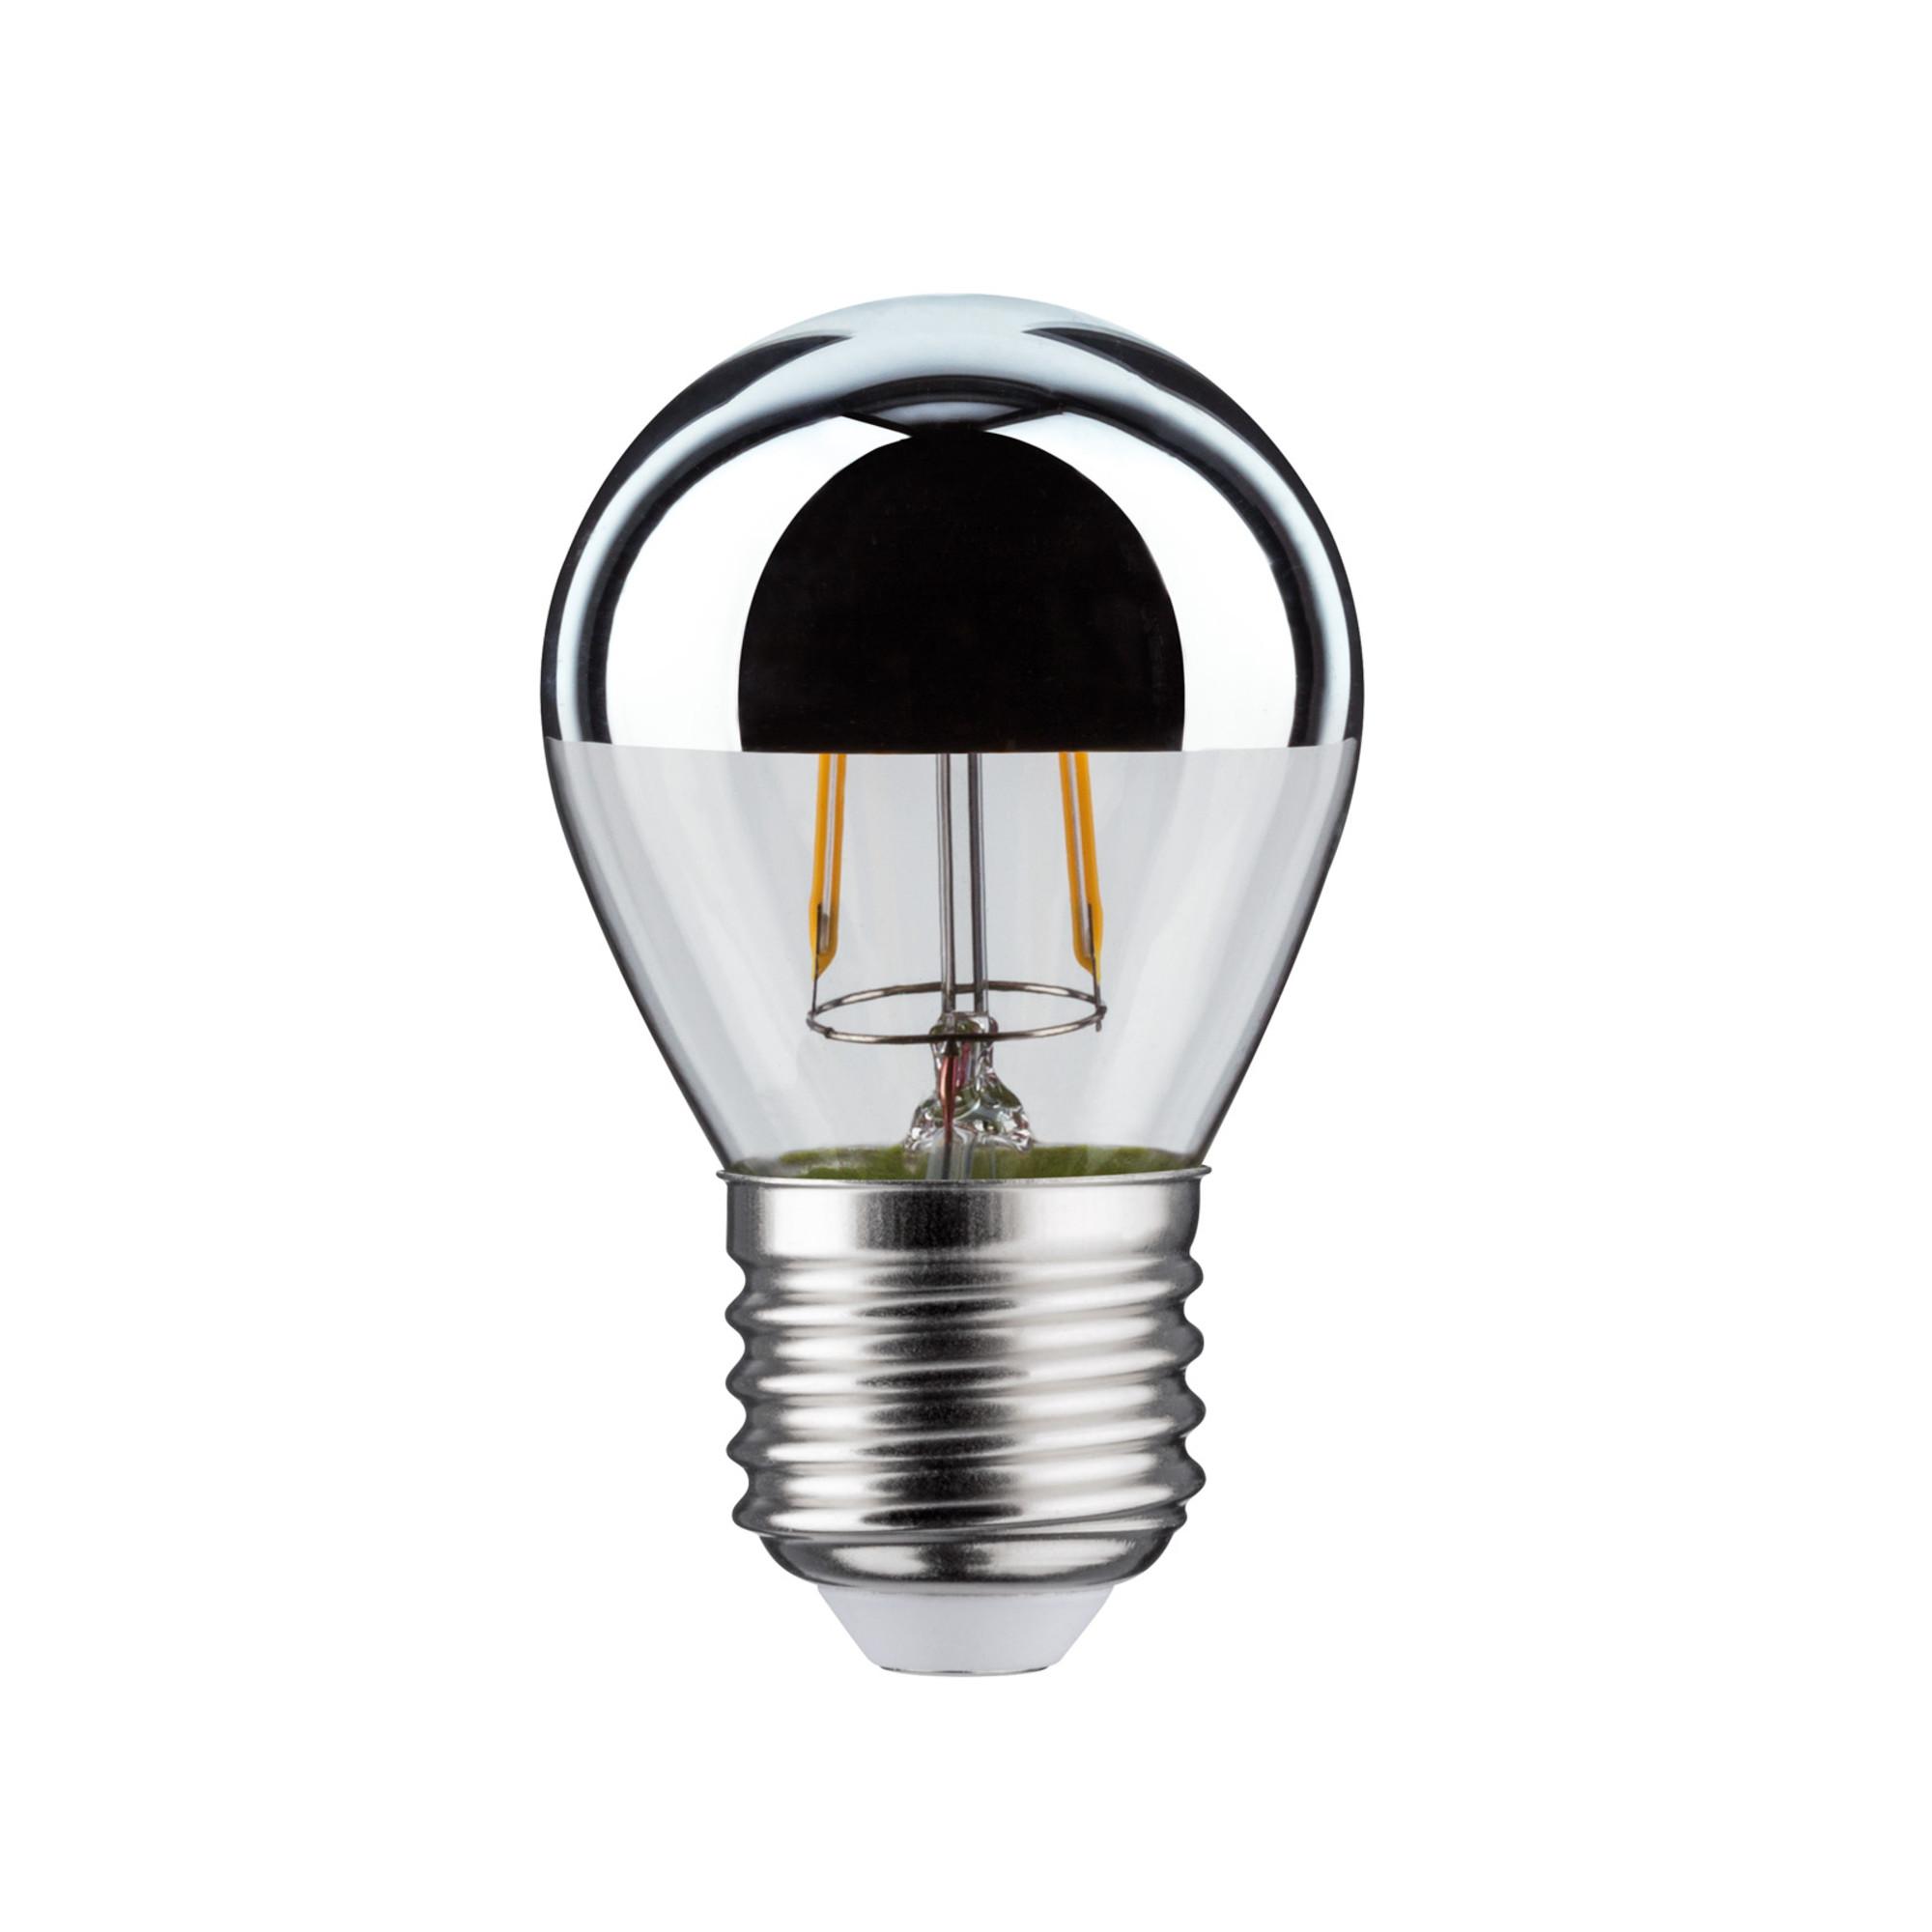 Лампа филаментная Paulmann Ретро Капля 4.5Вт 400лм 2700К Е27 230В Серебро Зеркальный верх Регулируемая яркость 28483.